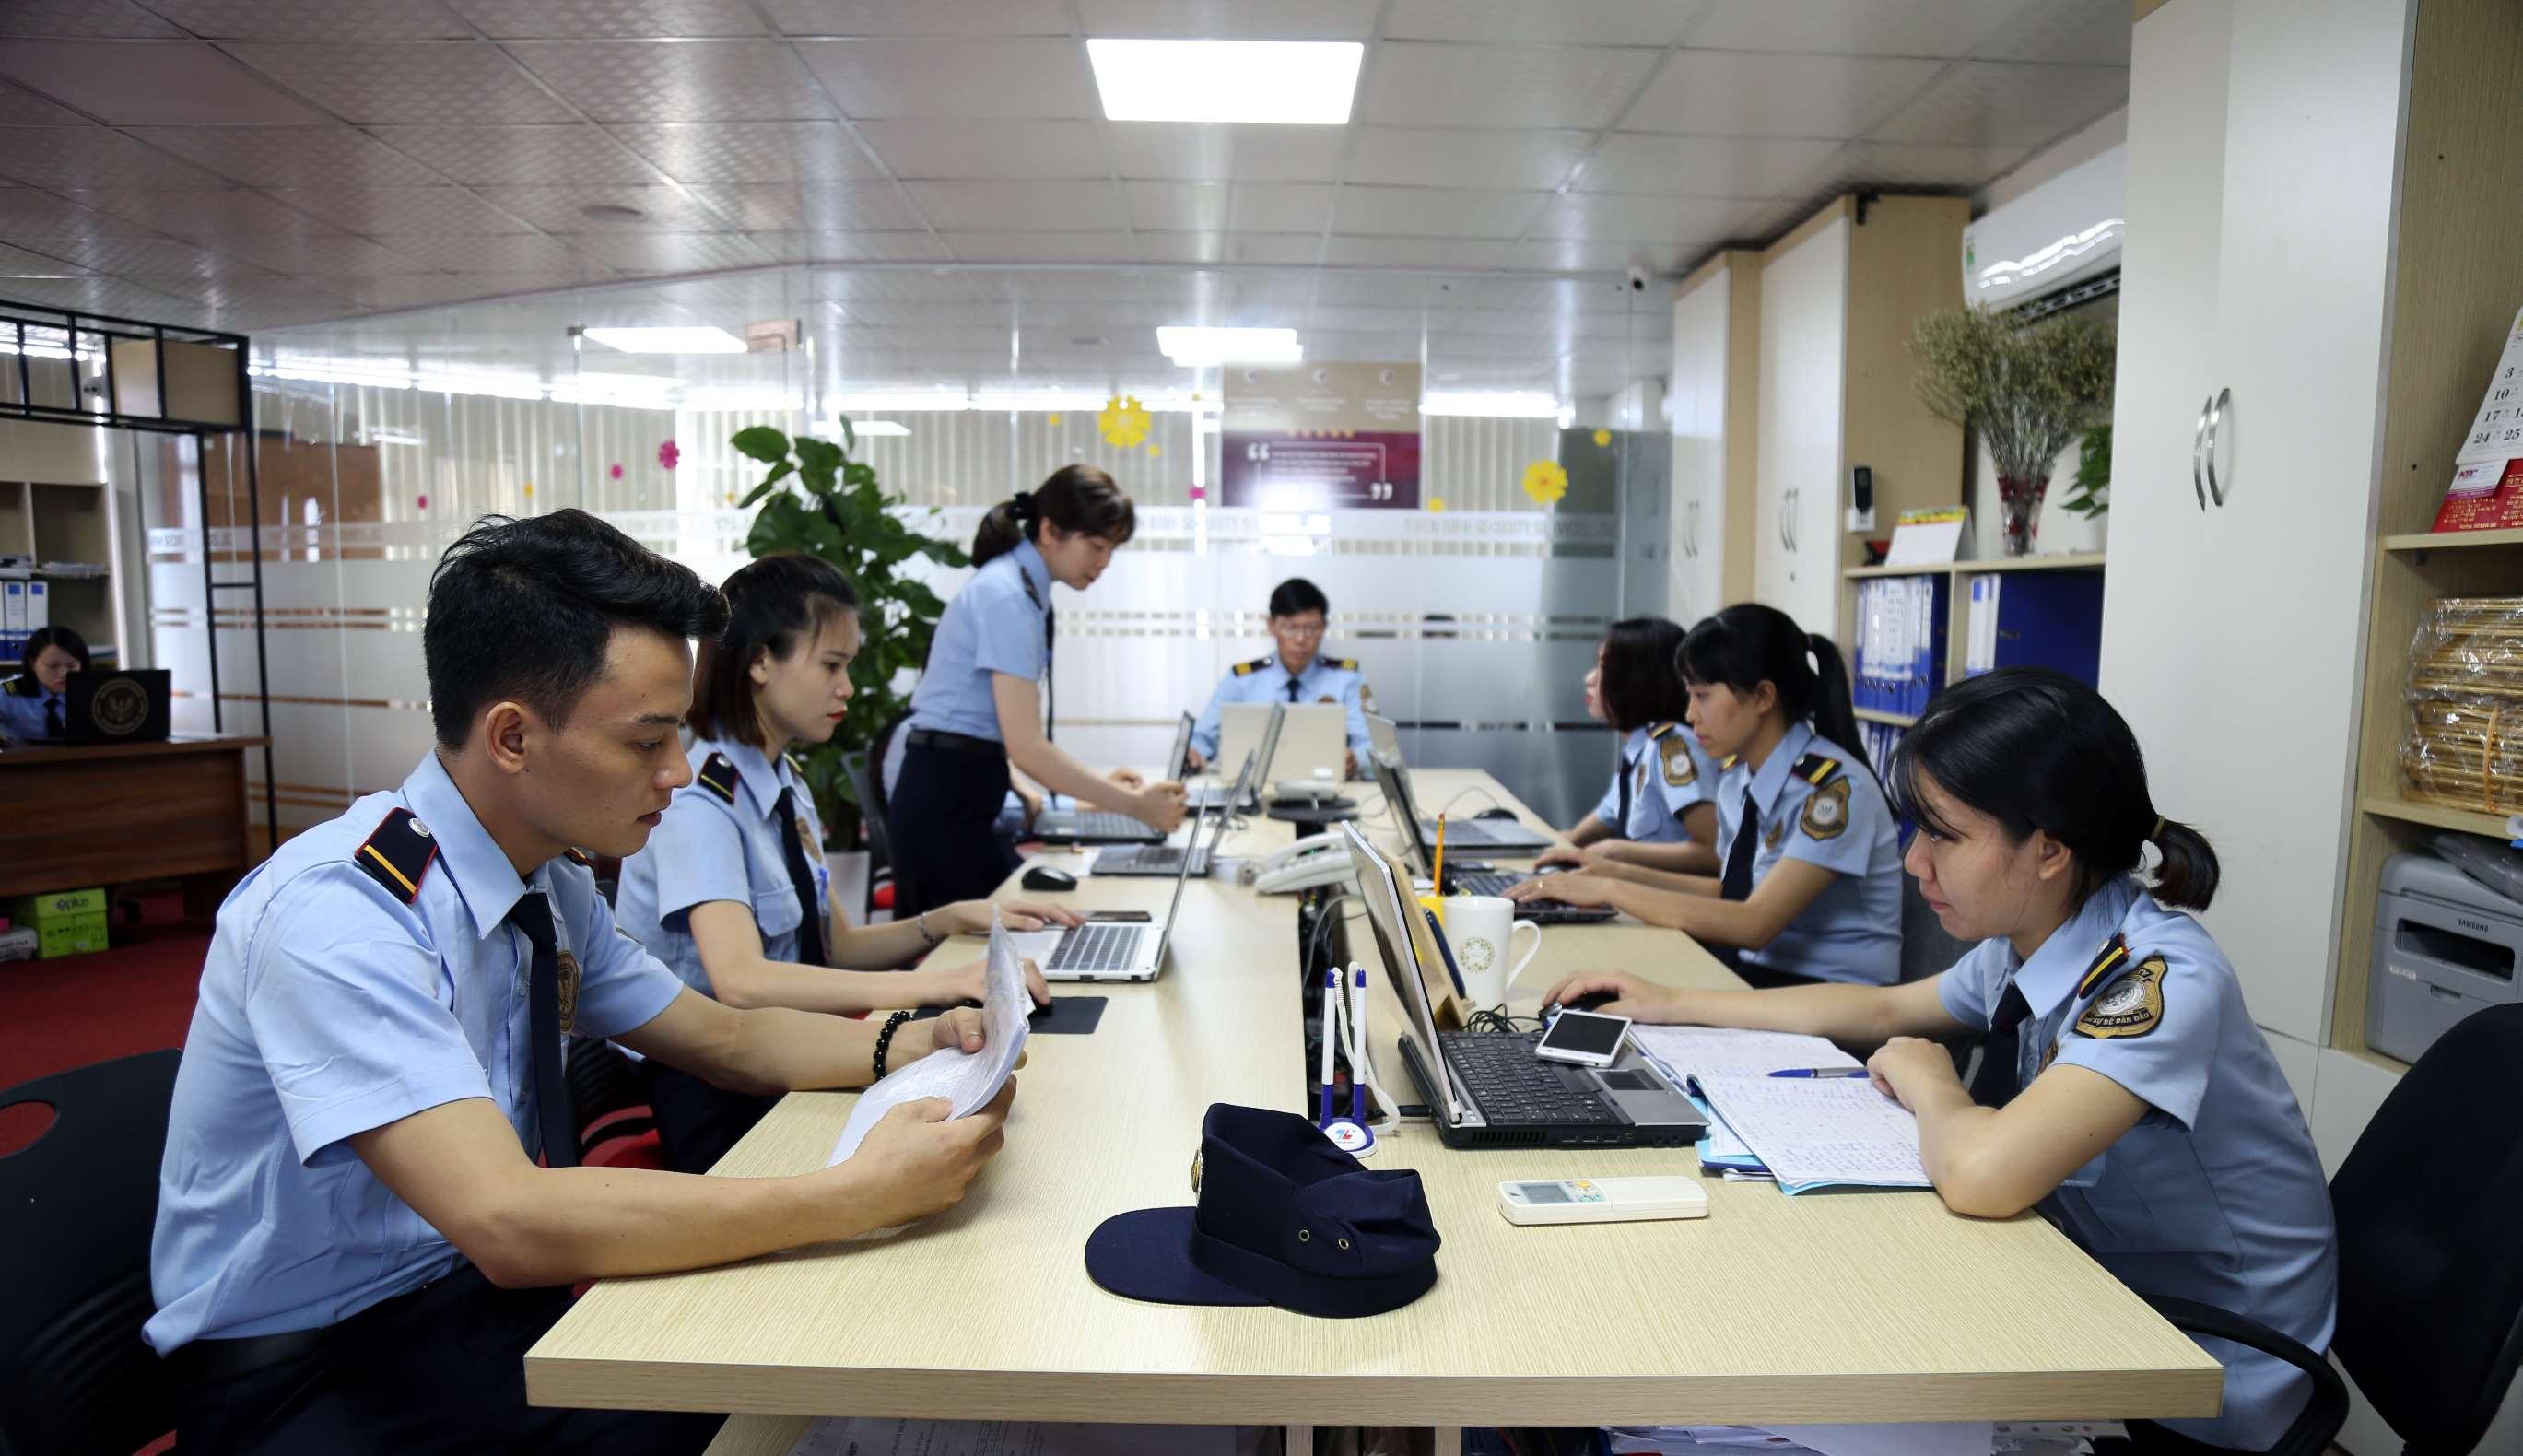 Dịch vụ bảo vệ, tuyển dụng nhân sự loa động phổ thông, nhân sự nhân viên văn phòng, hành chính